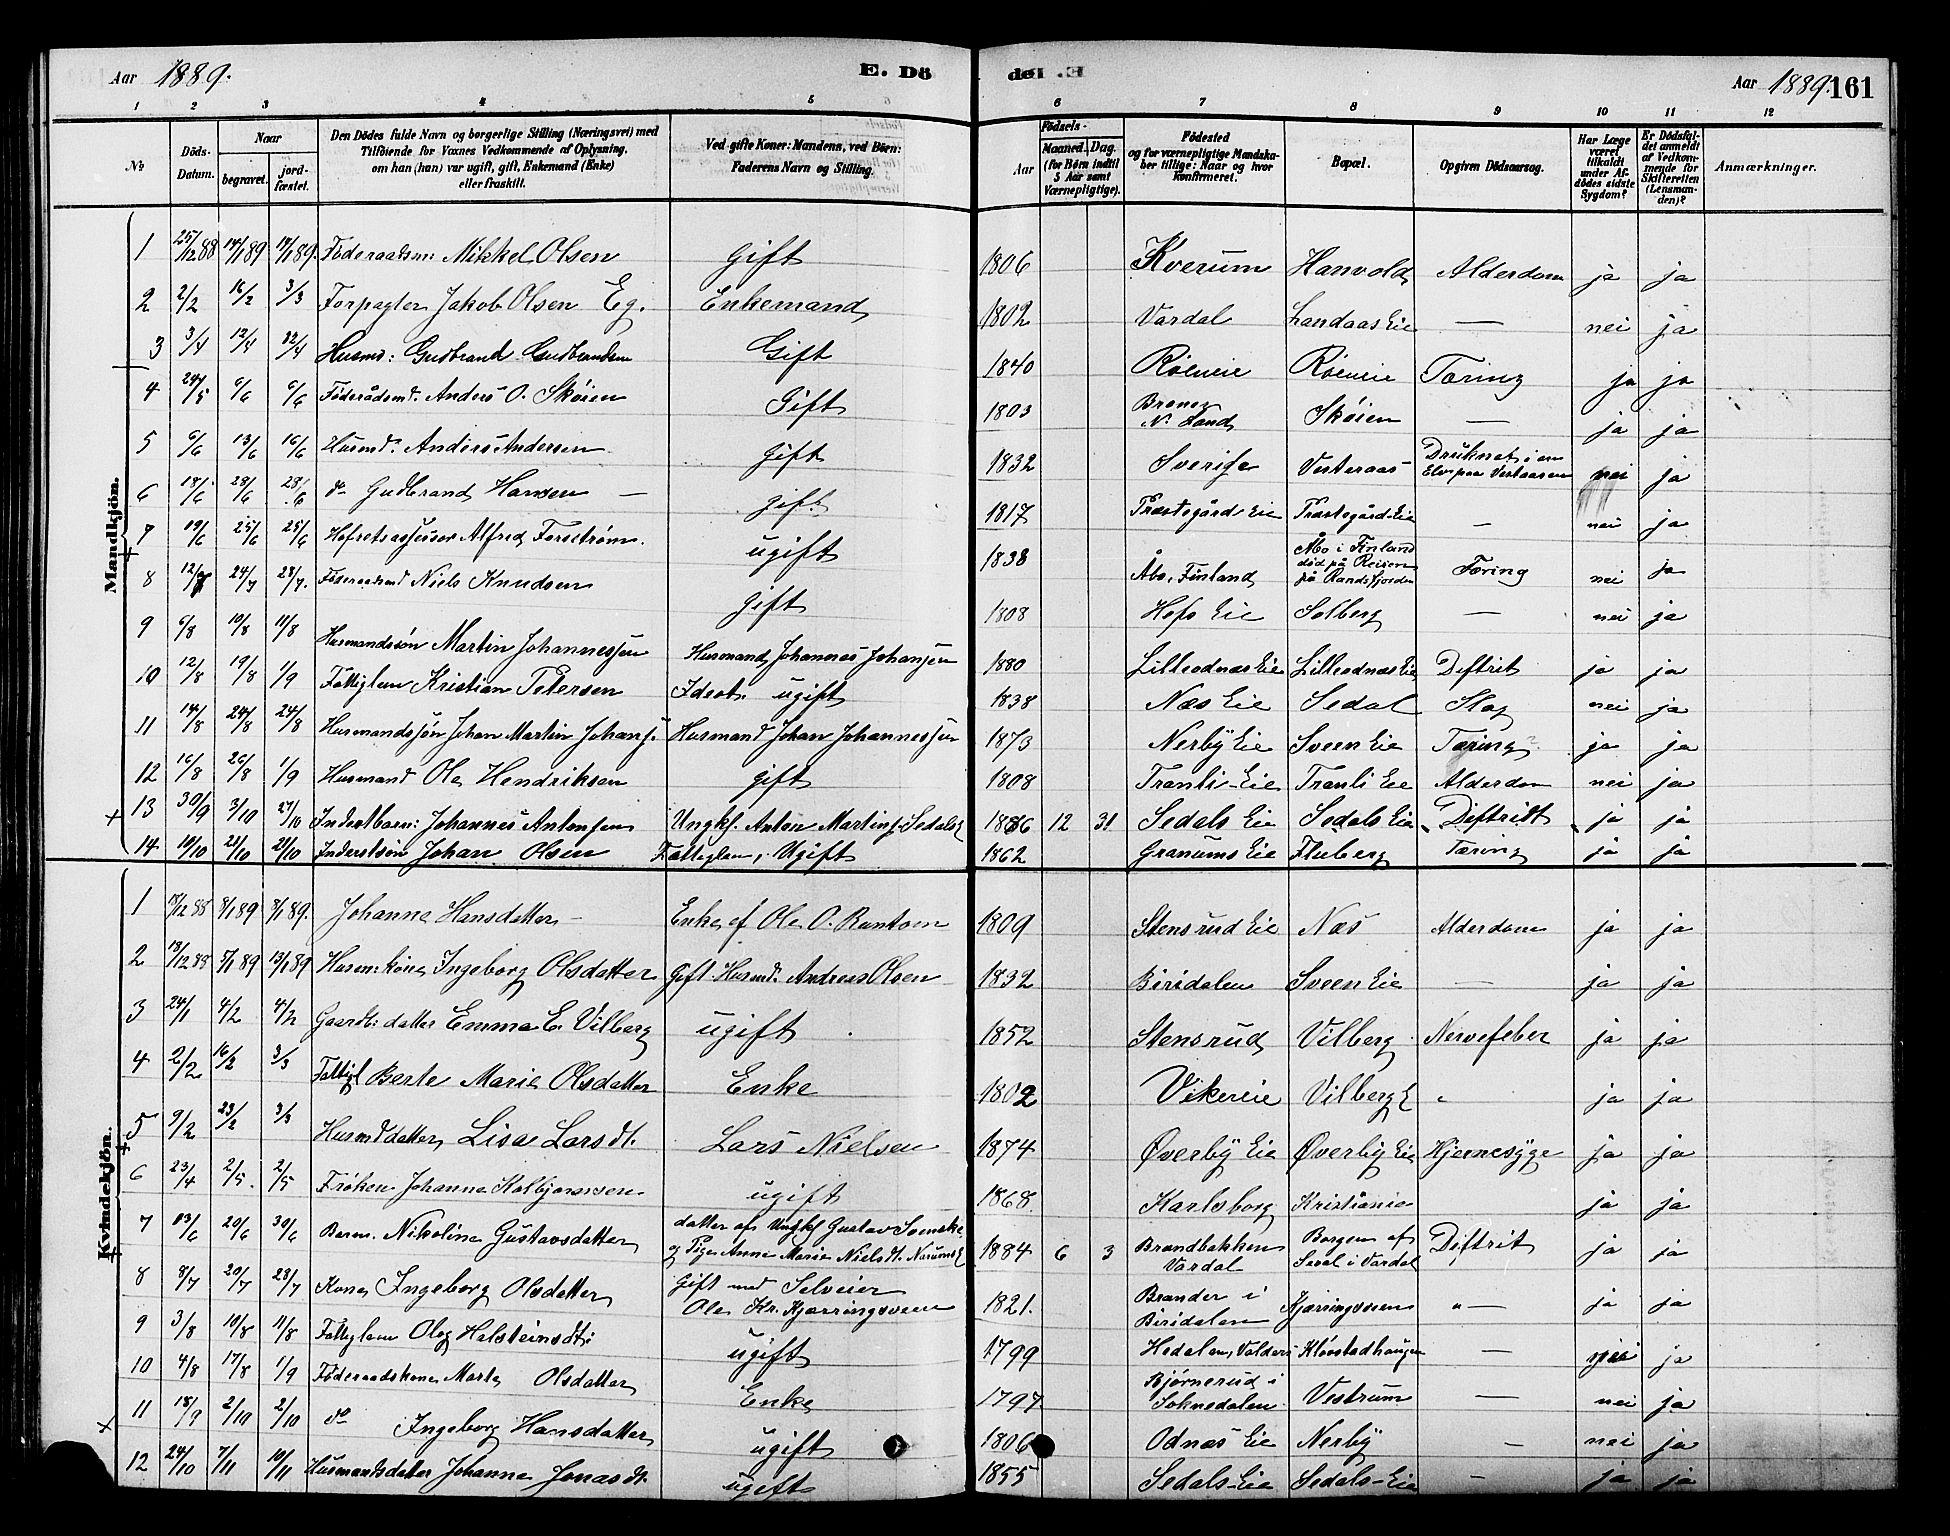 SAH, Søndre Land prestekontor, K/L0002: Ministerialbok nr. 2, 1878-1894, s. 161